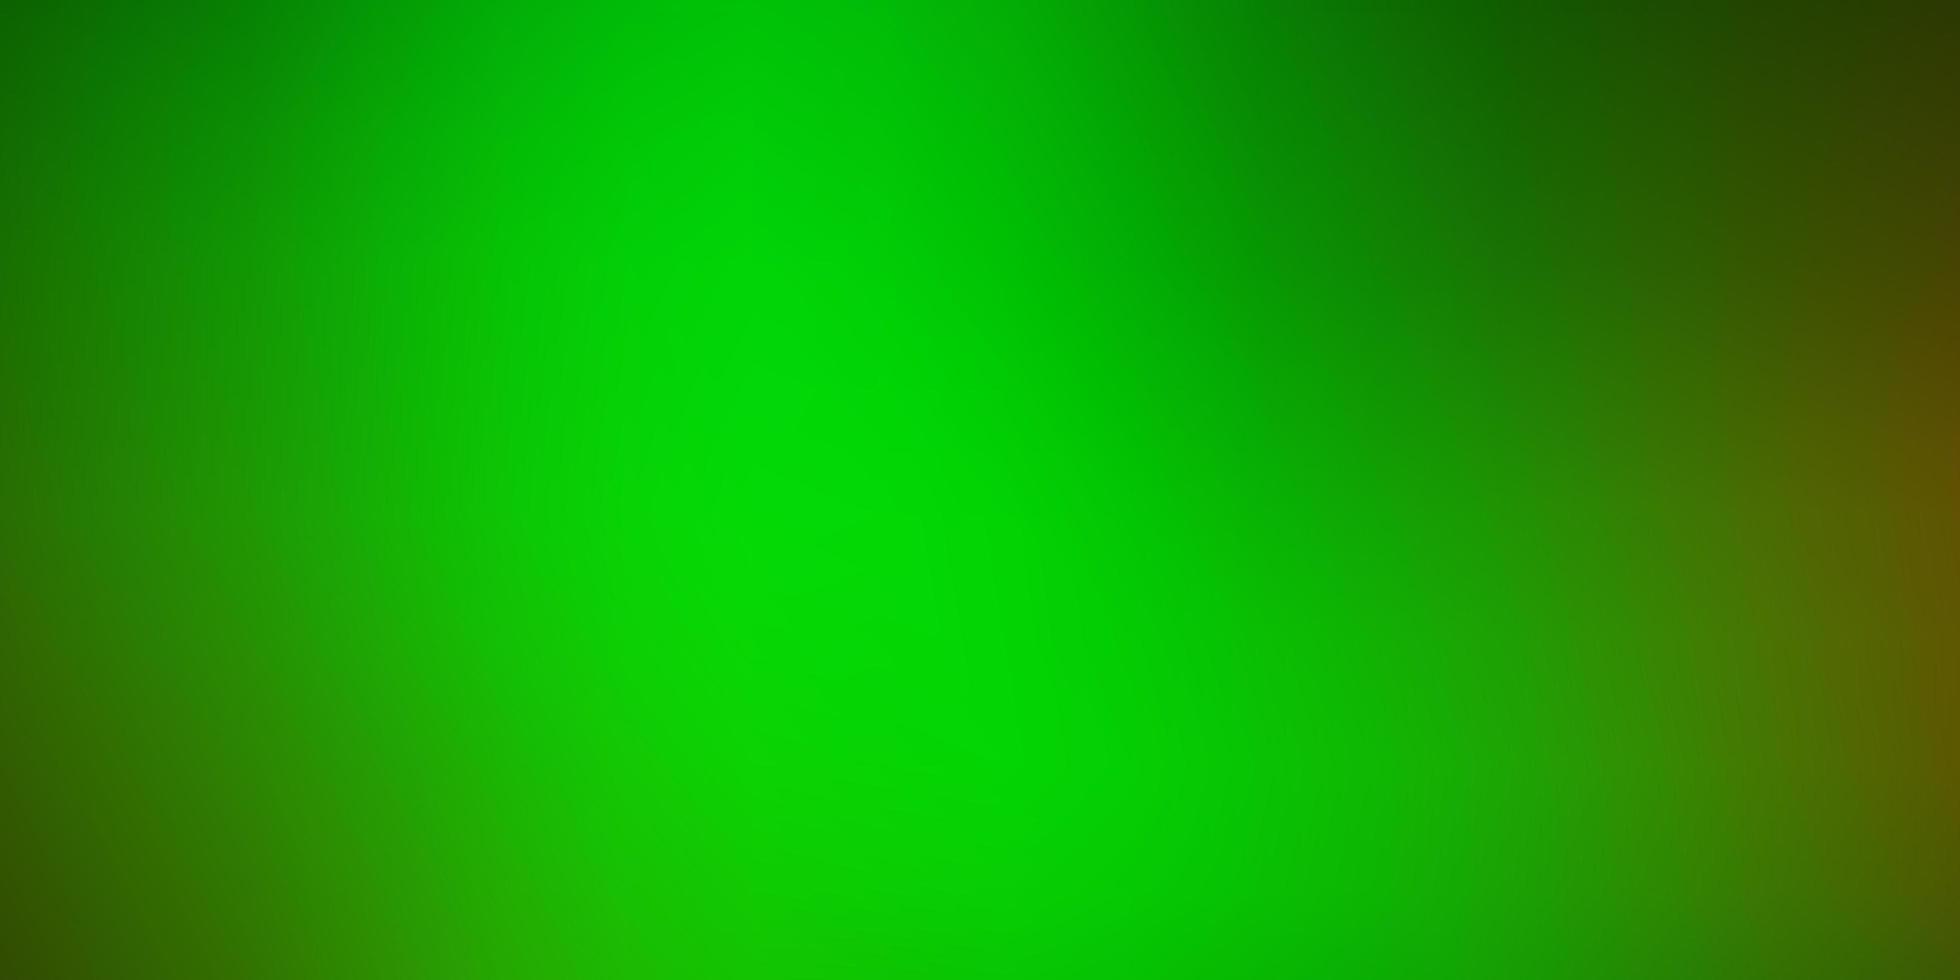 sfondo sfocato moderno di vettore verde chiaro, giallo.